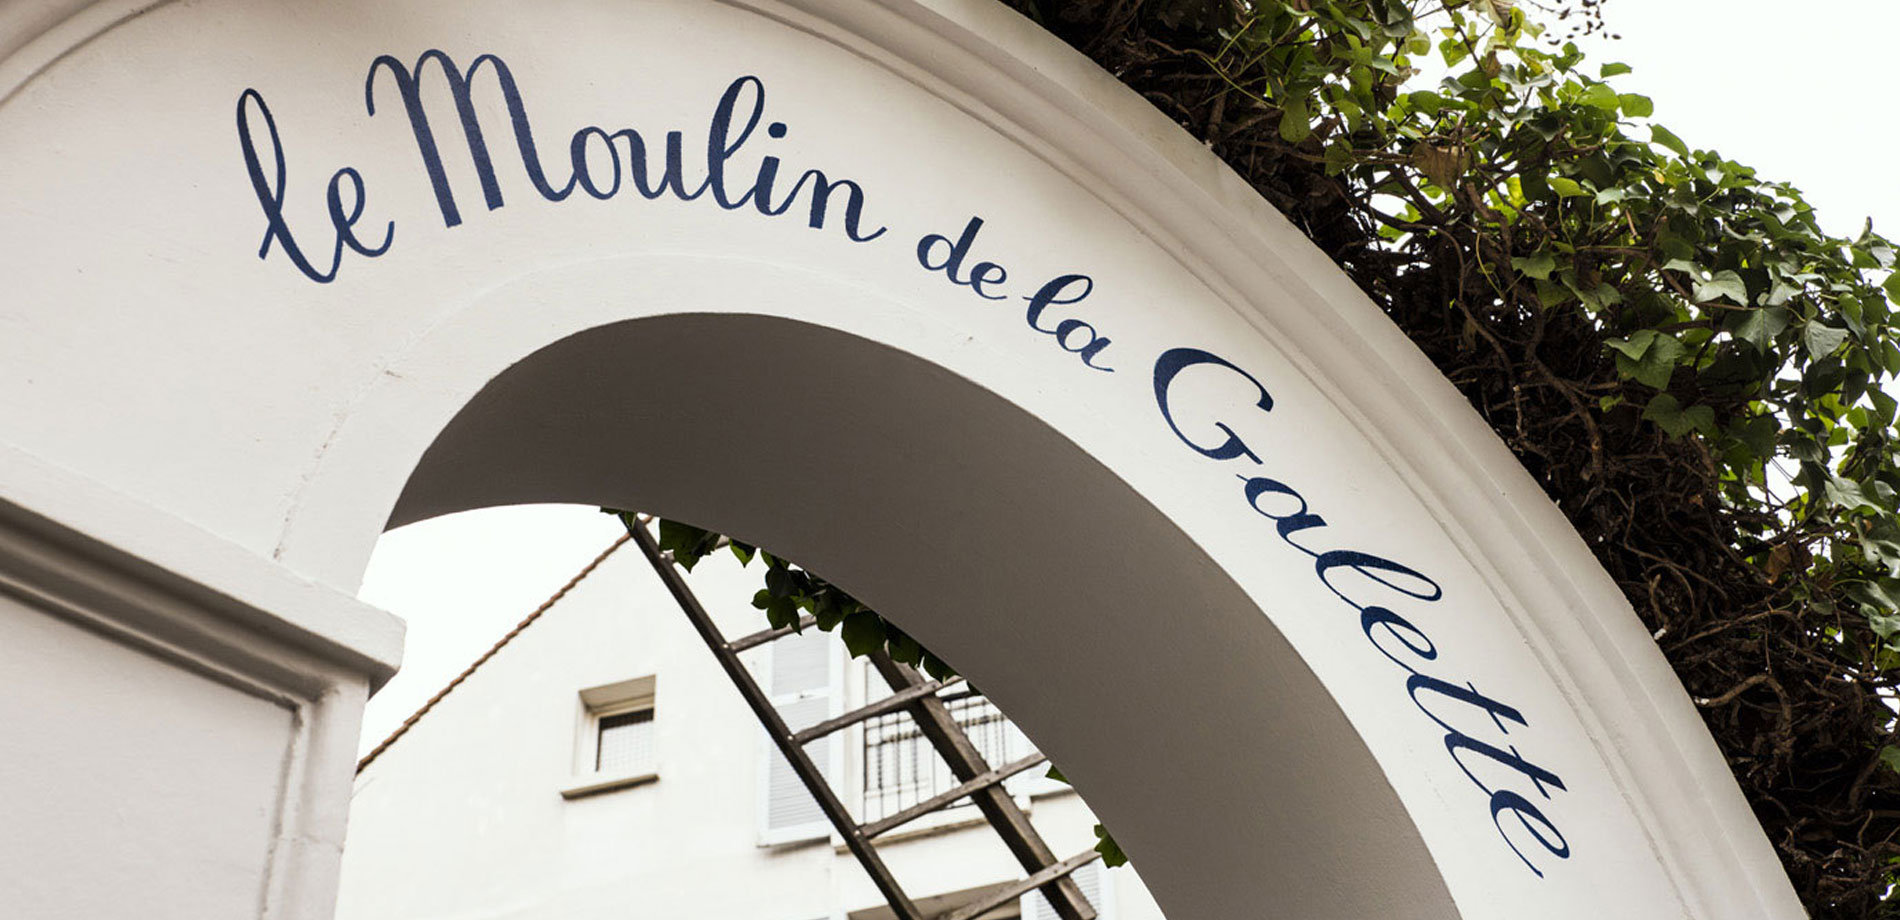 Le moulin de la galette paris for Moulin de la housse